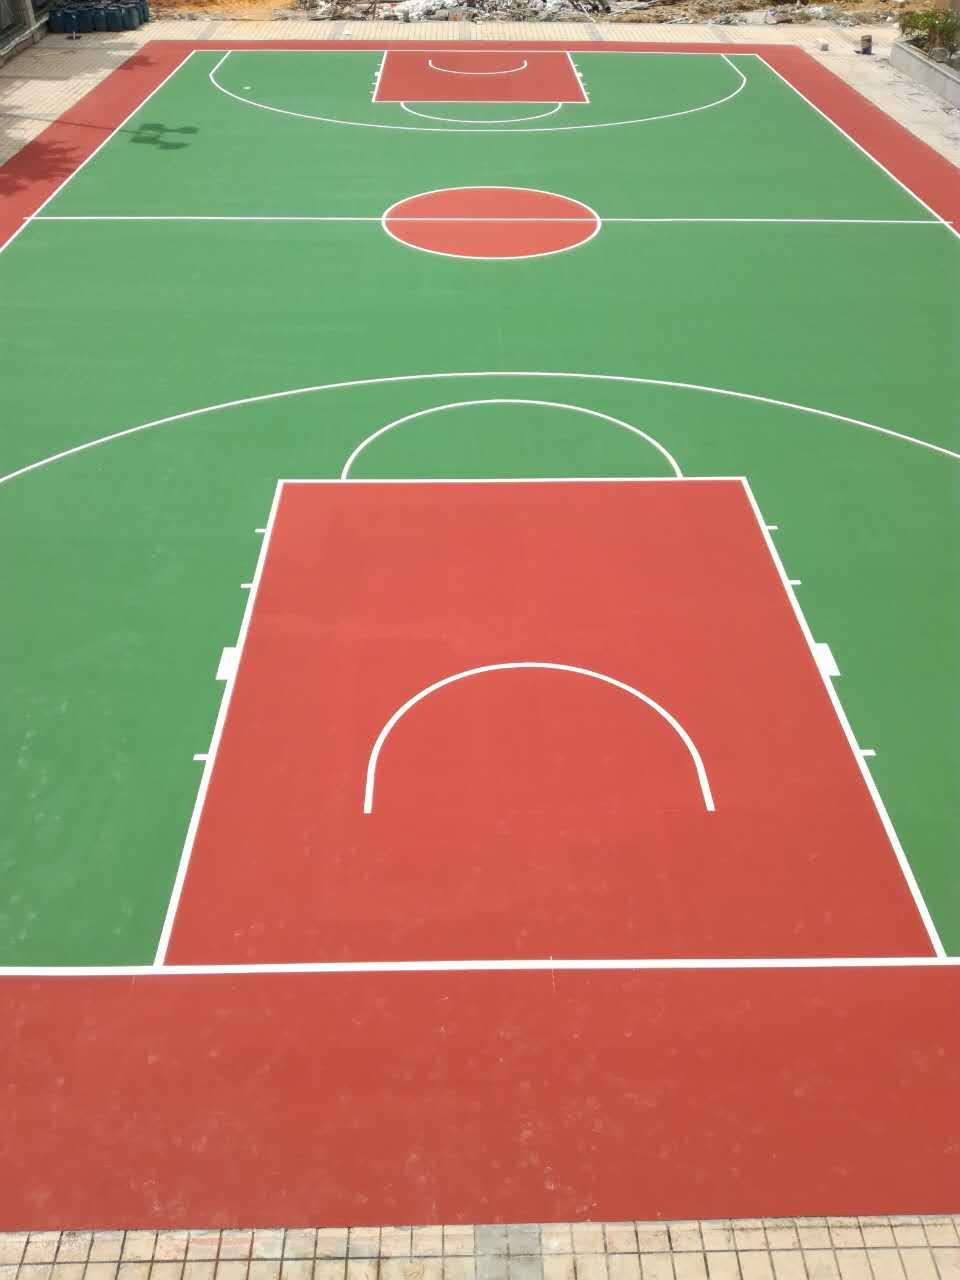 珠海市夏湾中学室外弹性丙烯酸篮球场 4mm弹性丙烯酸球场地坪完工